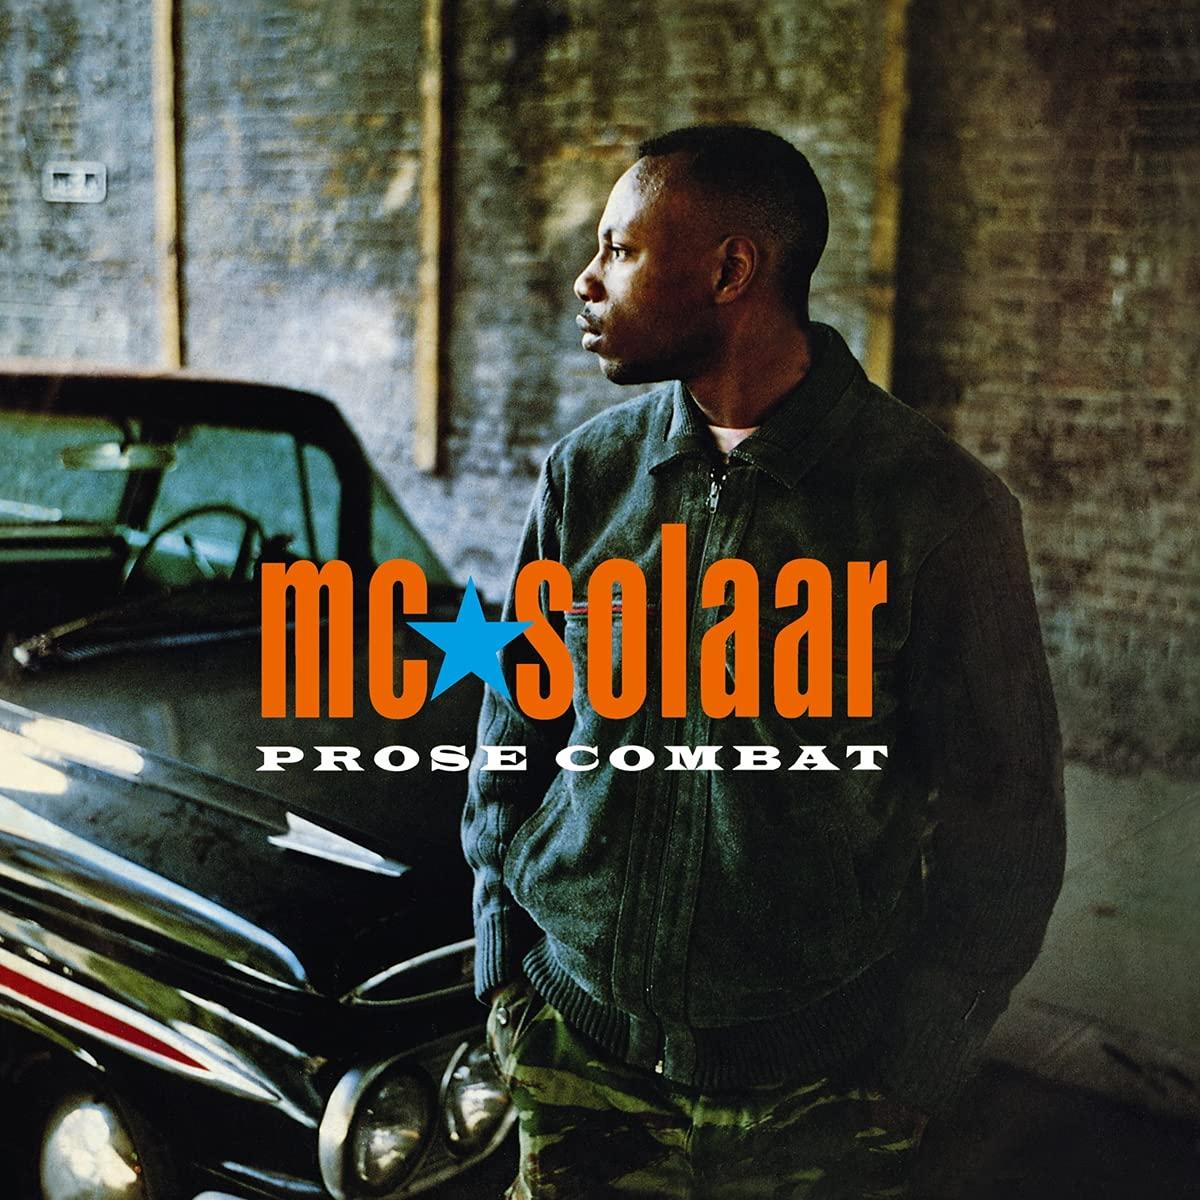 MC Solaar - Prose combat (Polydor) - le rap c'était mieux avant